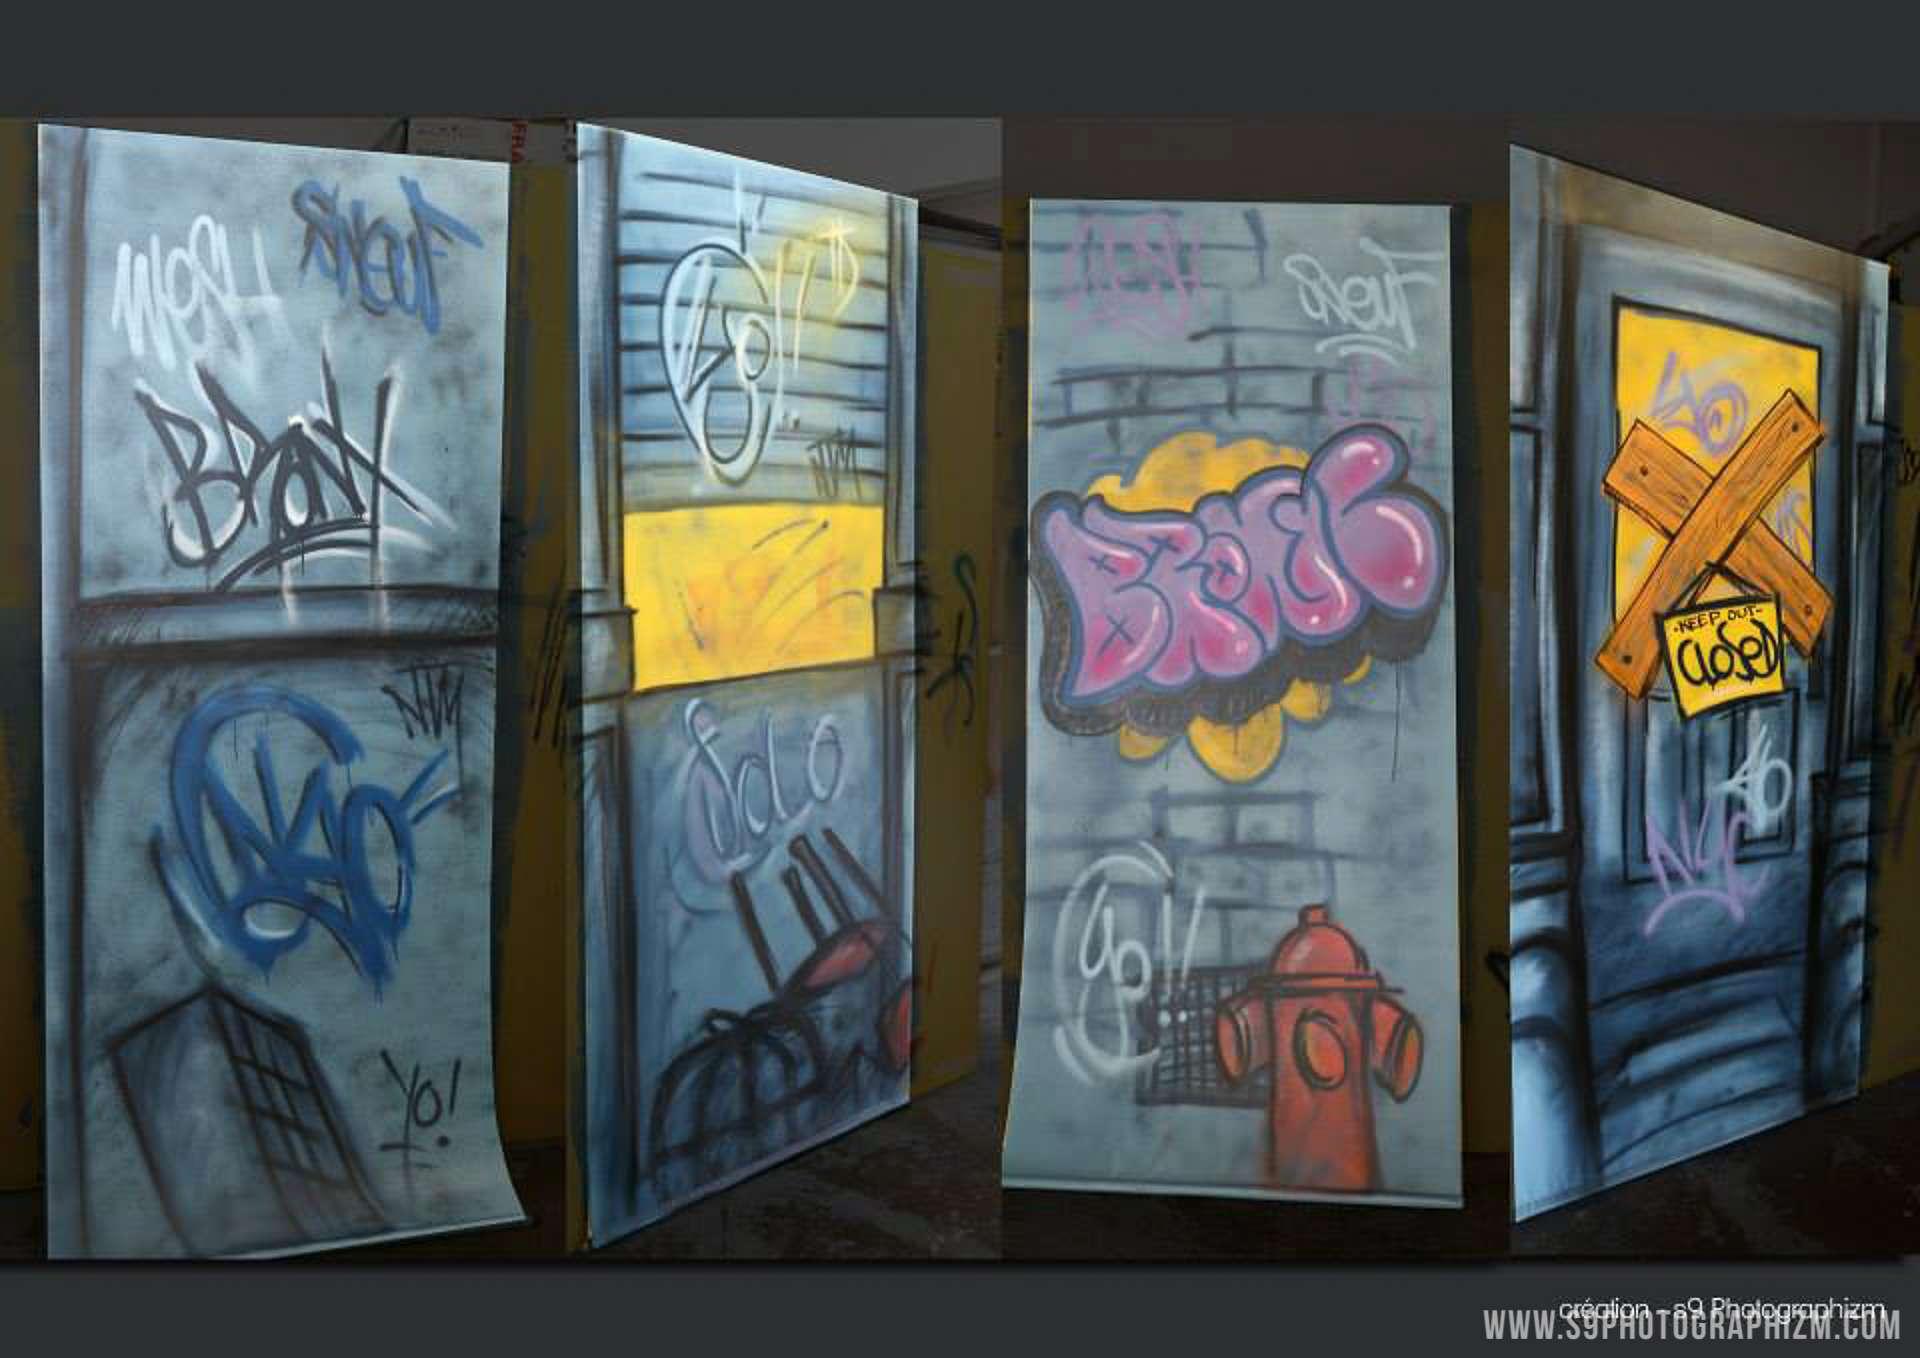 décor de théatre lille s9photographizm graffiti